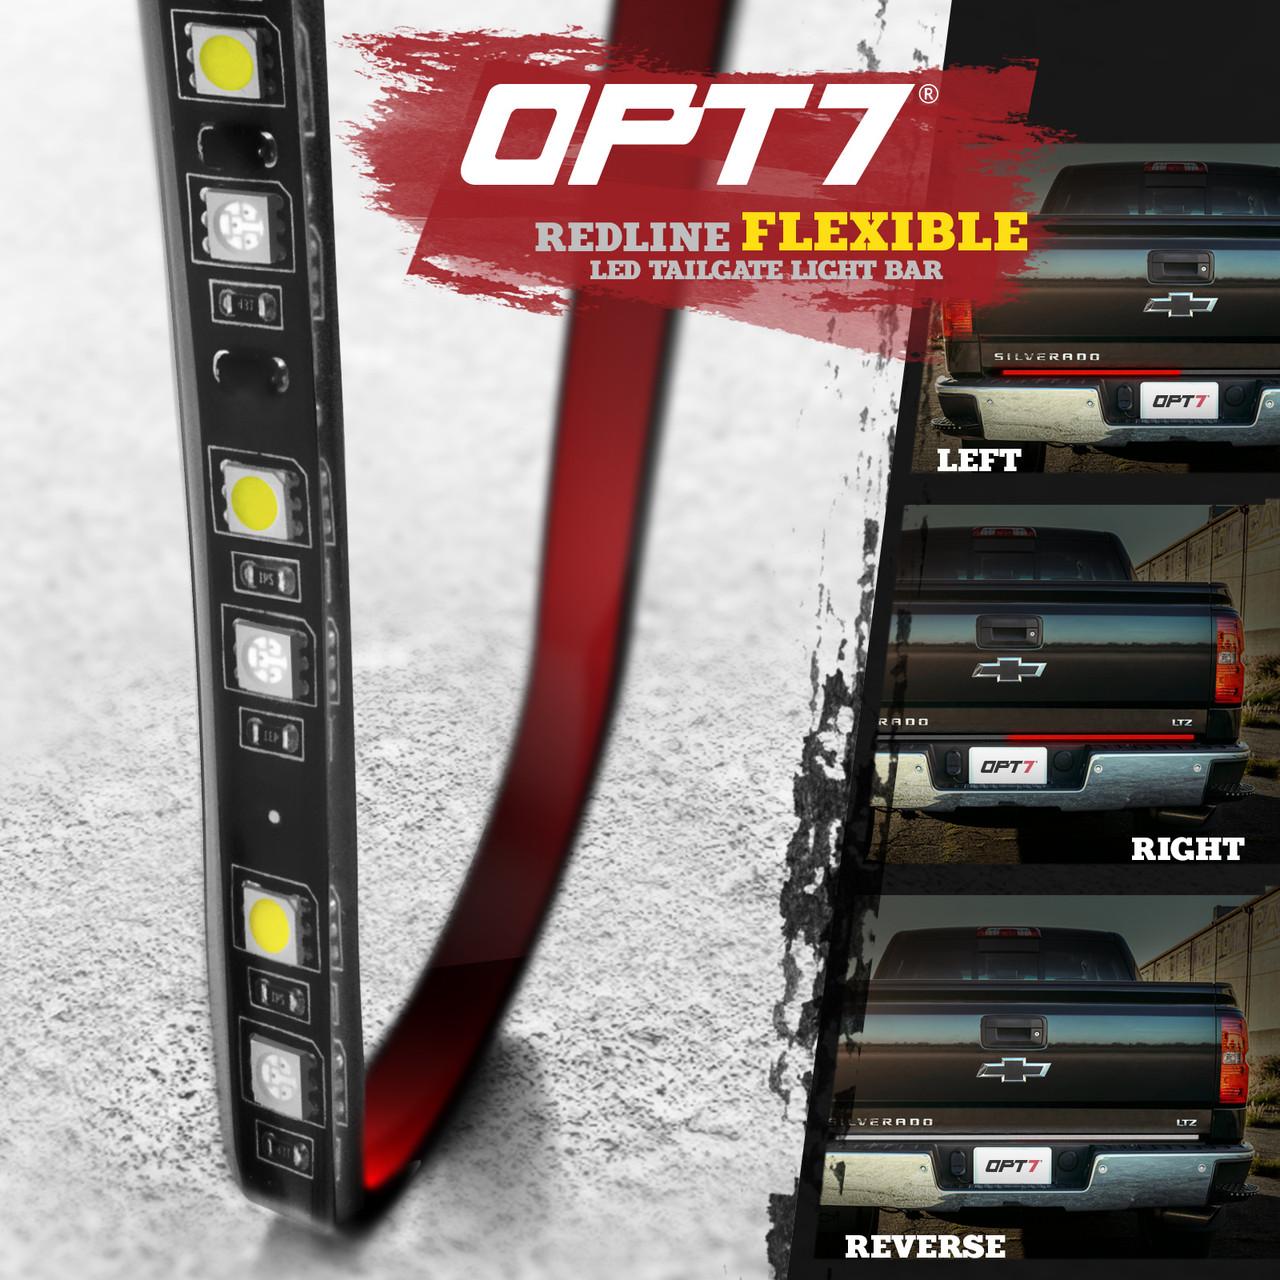 Redline FLX Flexible LED Tailgate ke Light Bar with Reverse on